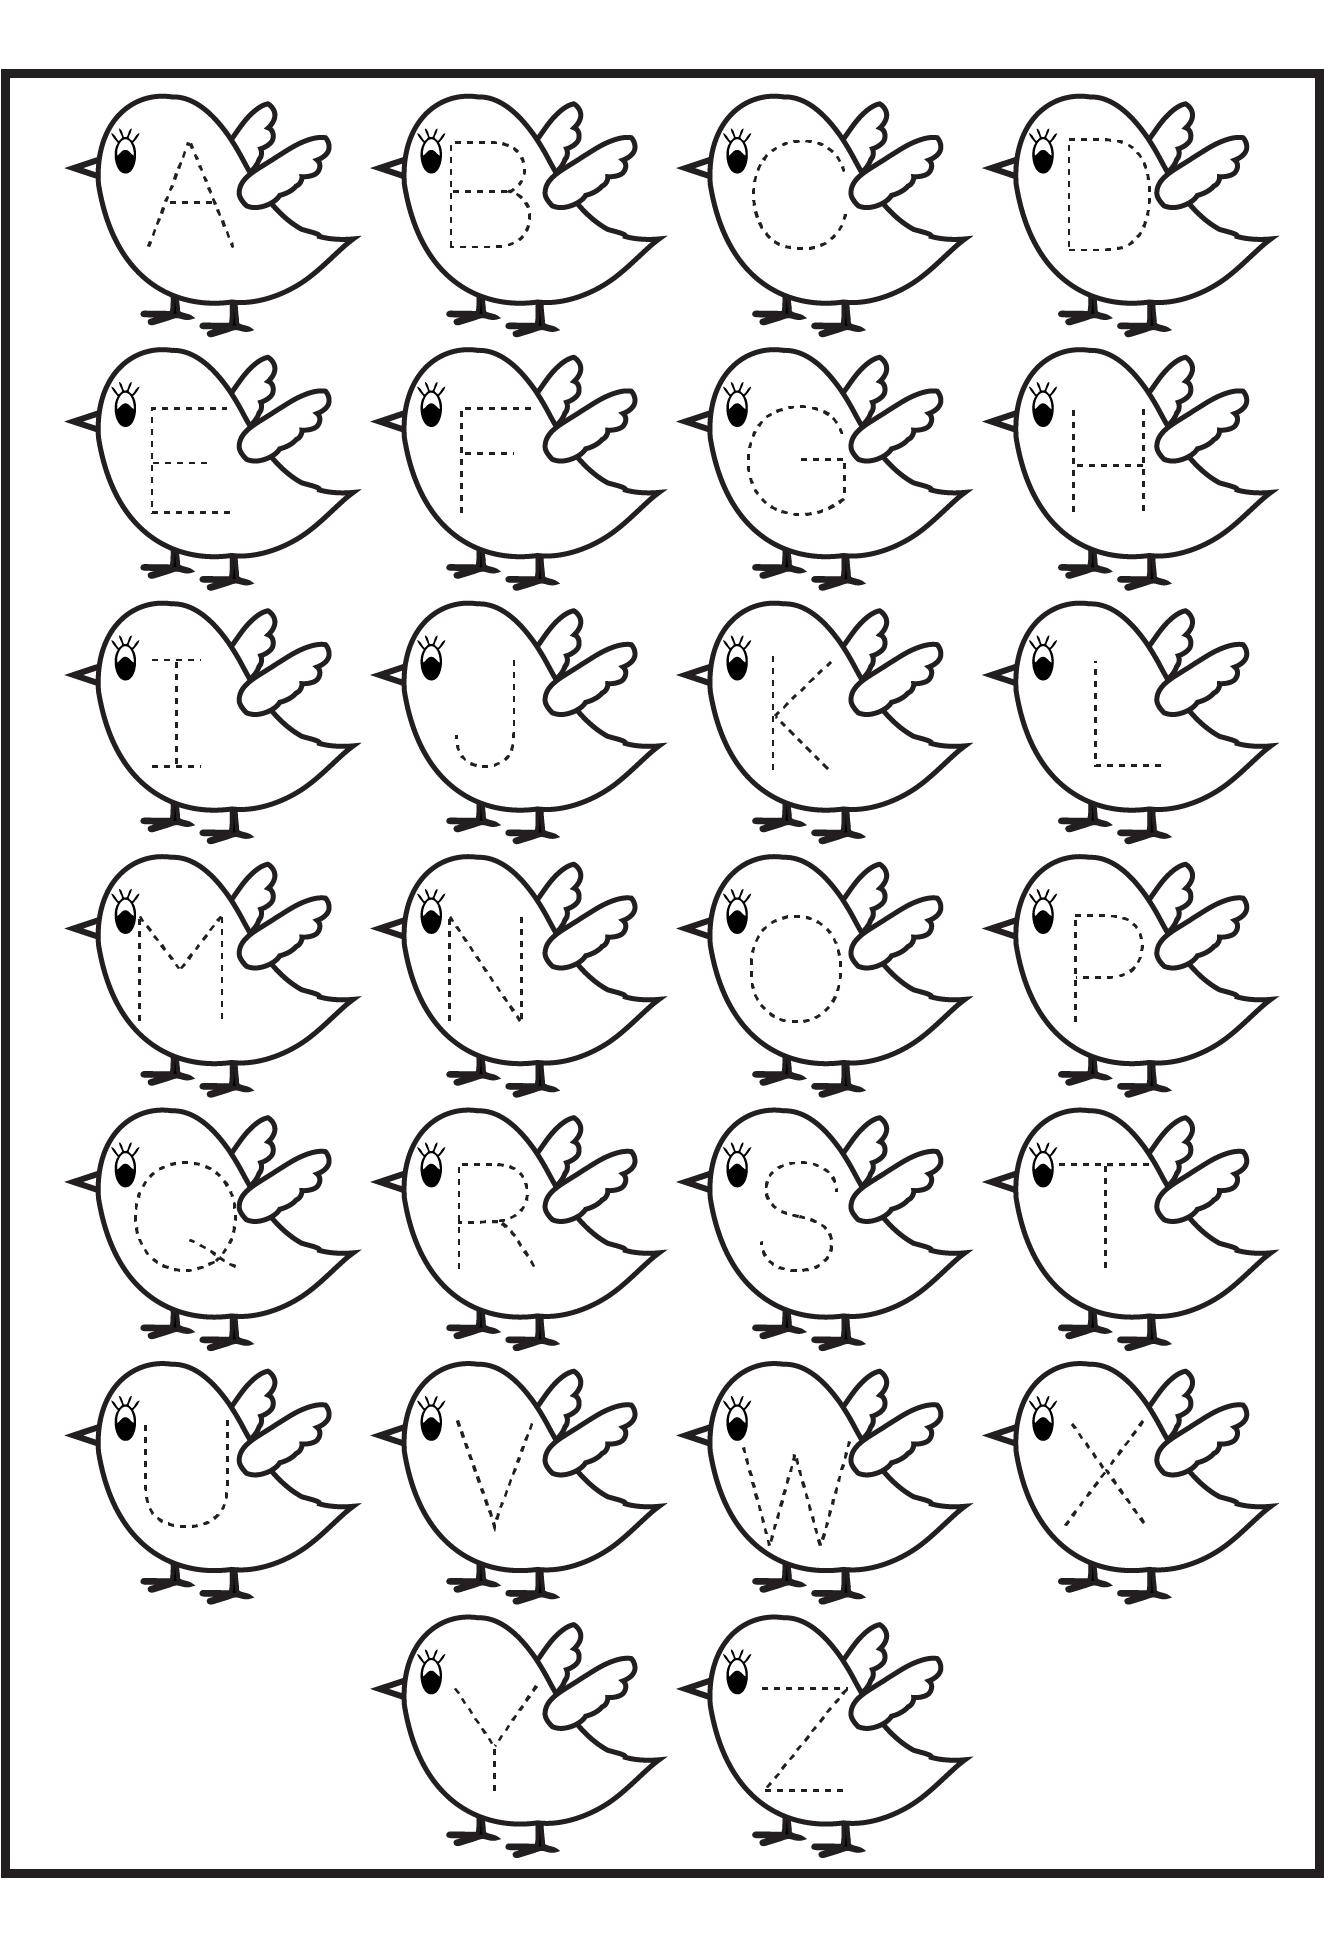 Letter Tracing Birds Printable Worksheets For Kids